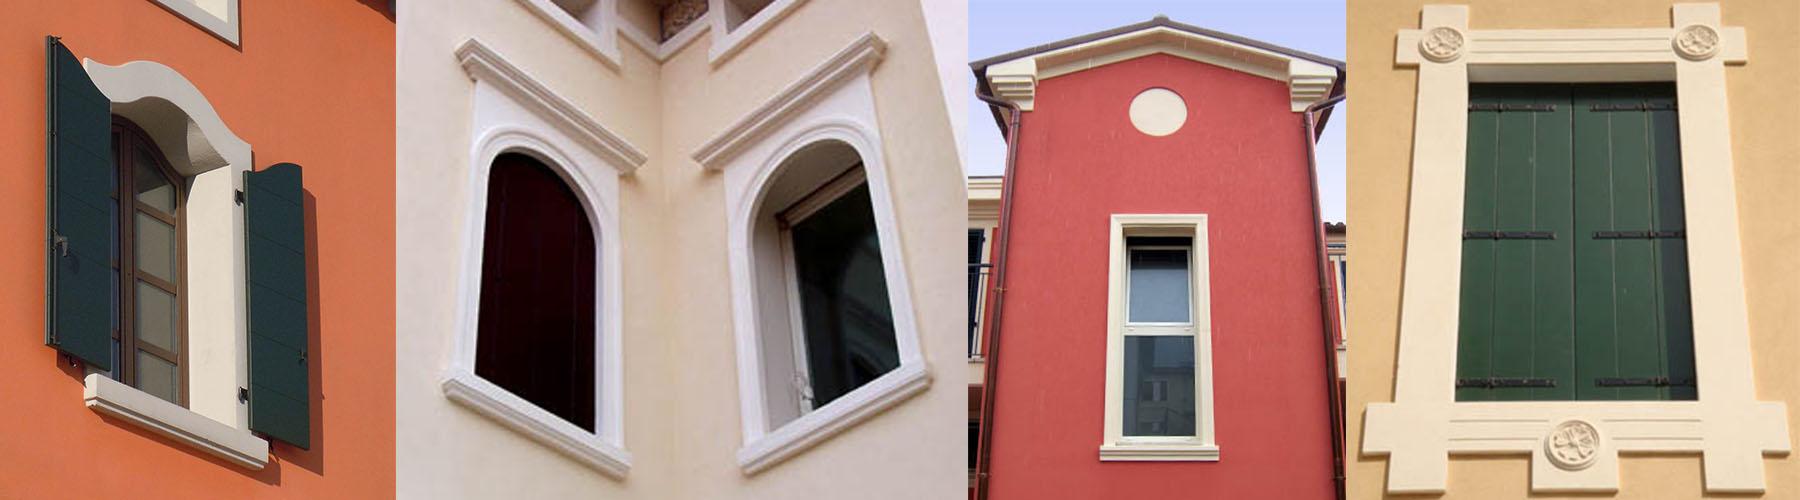 Cornicioni per finestre